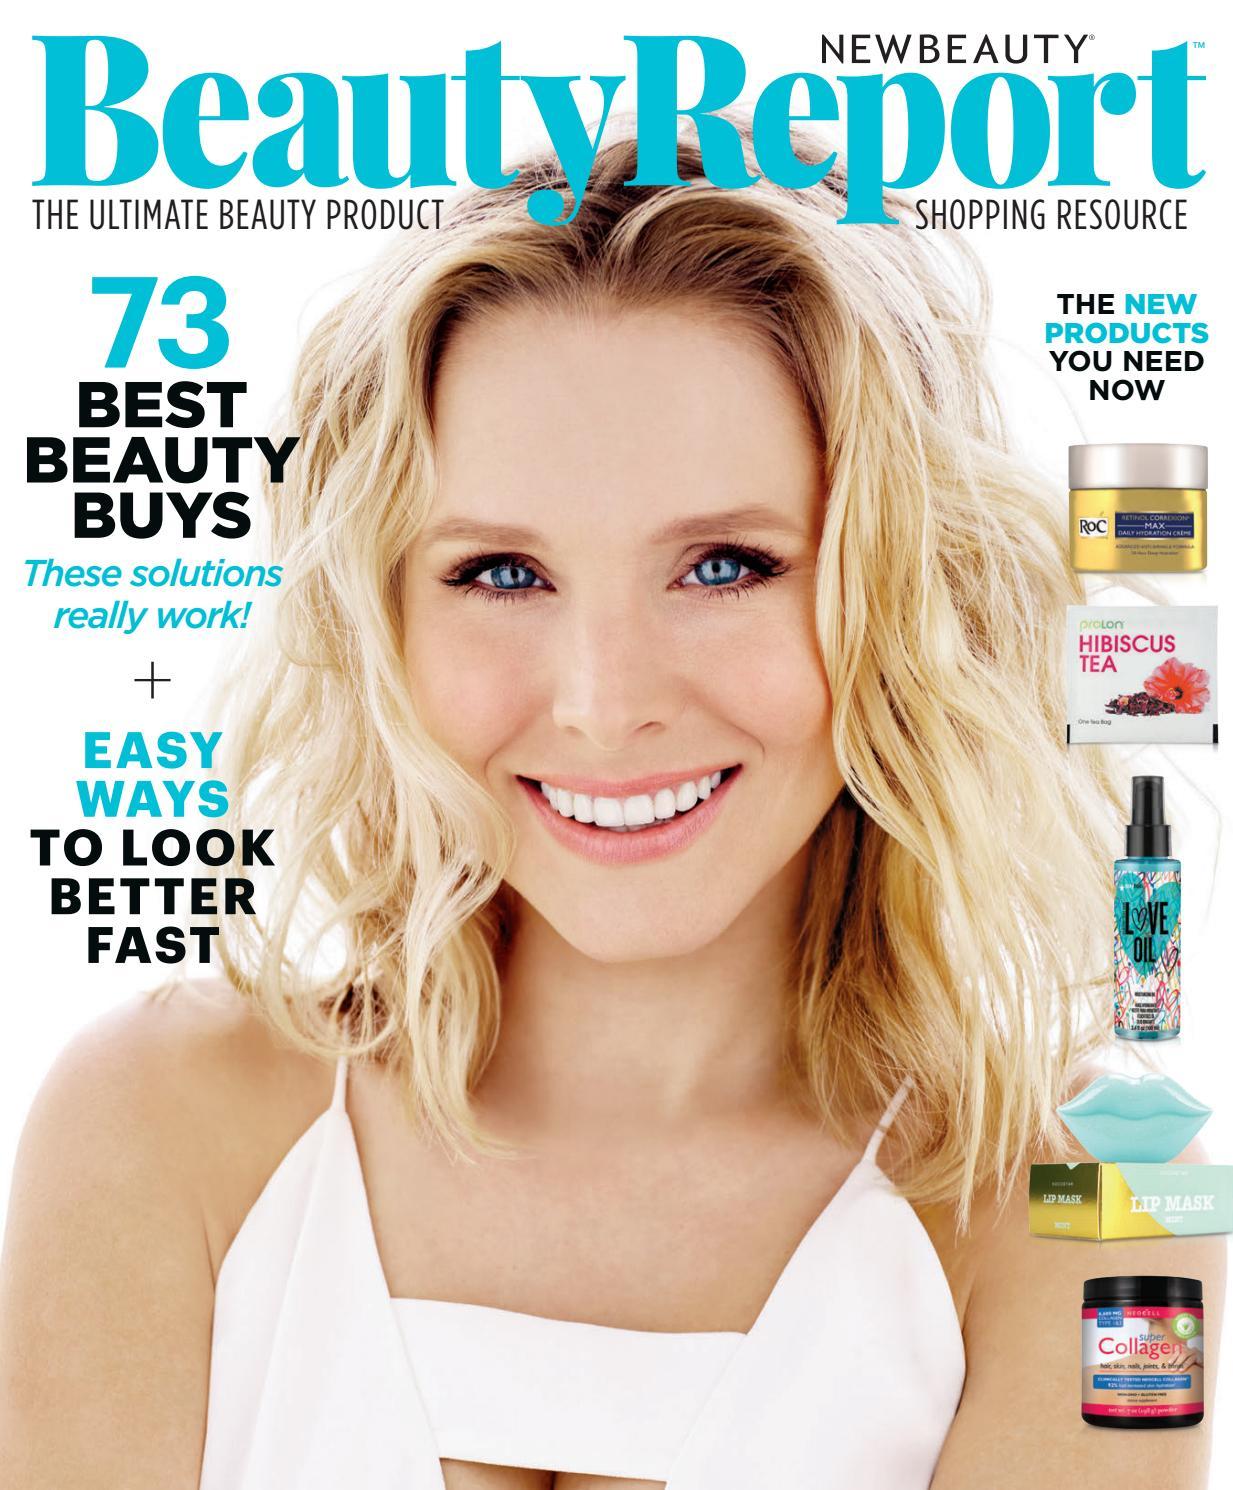 NewBeauty Beauty Report 03 by SANDOW® - issuu